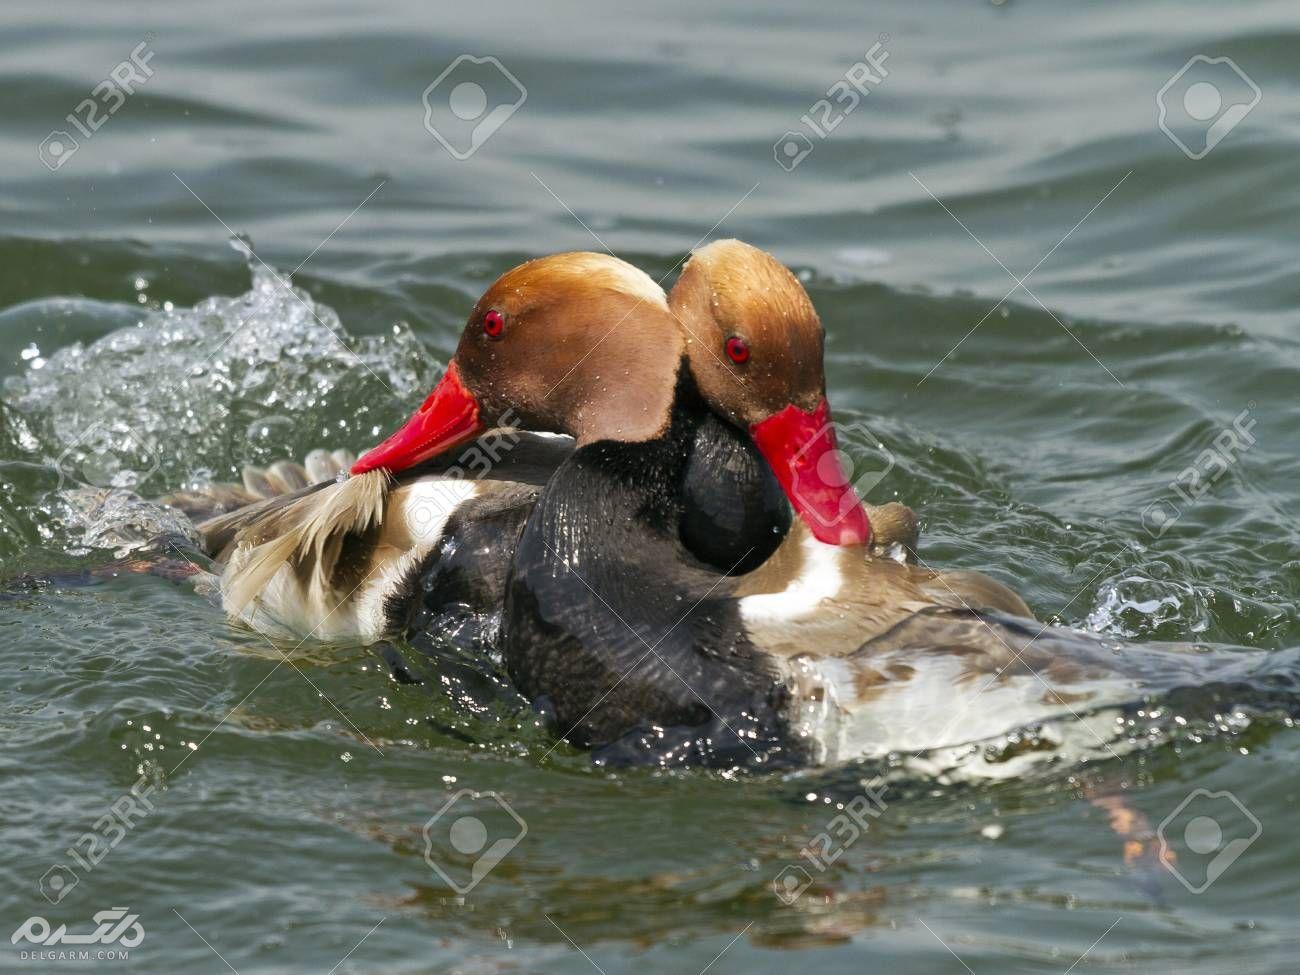 دانلود صدای اردک ماده اردک تاجدار گونه ای دیگر از دسته مرغابیان + گالری